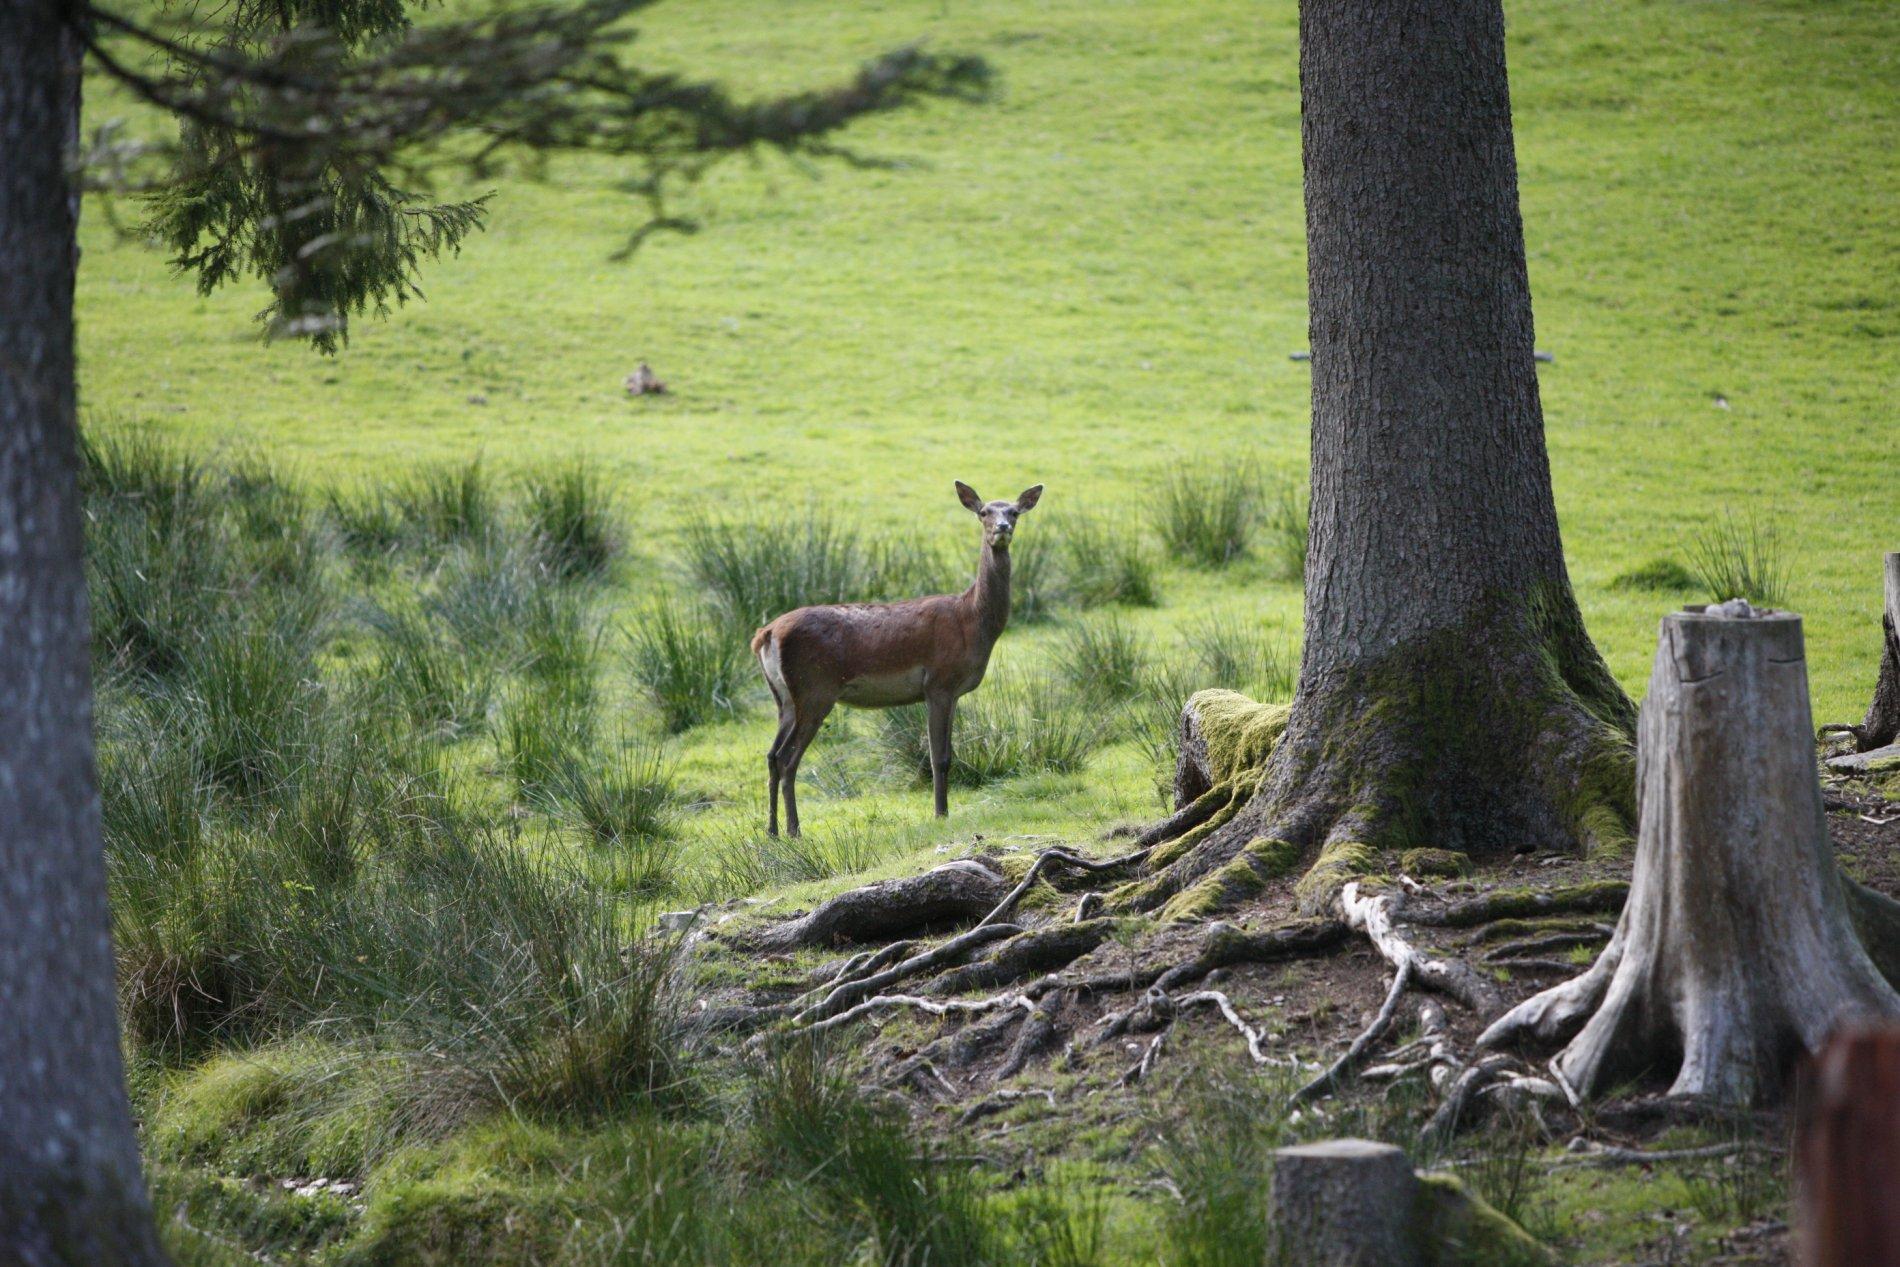 Wildlife reserve Baden-Baden